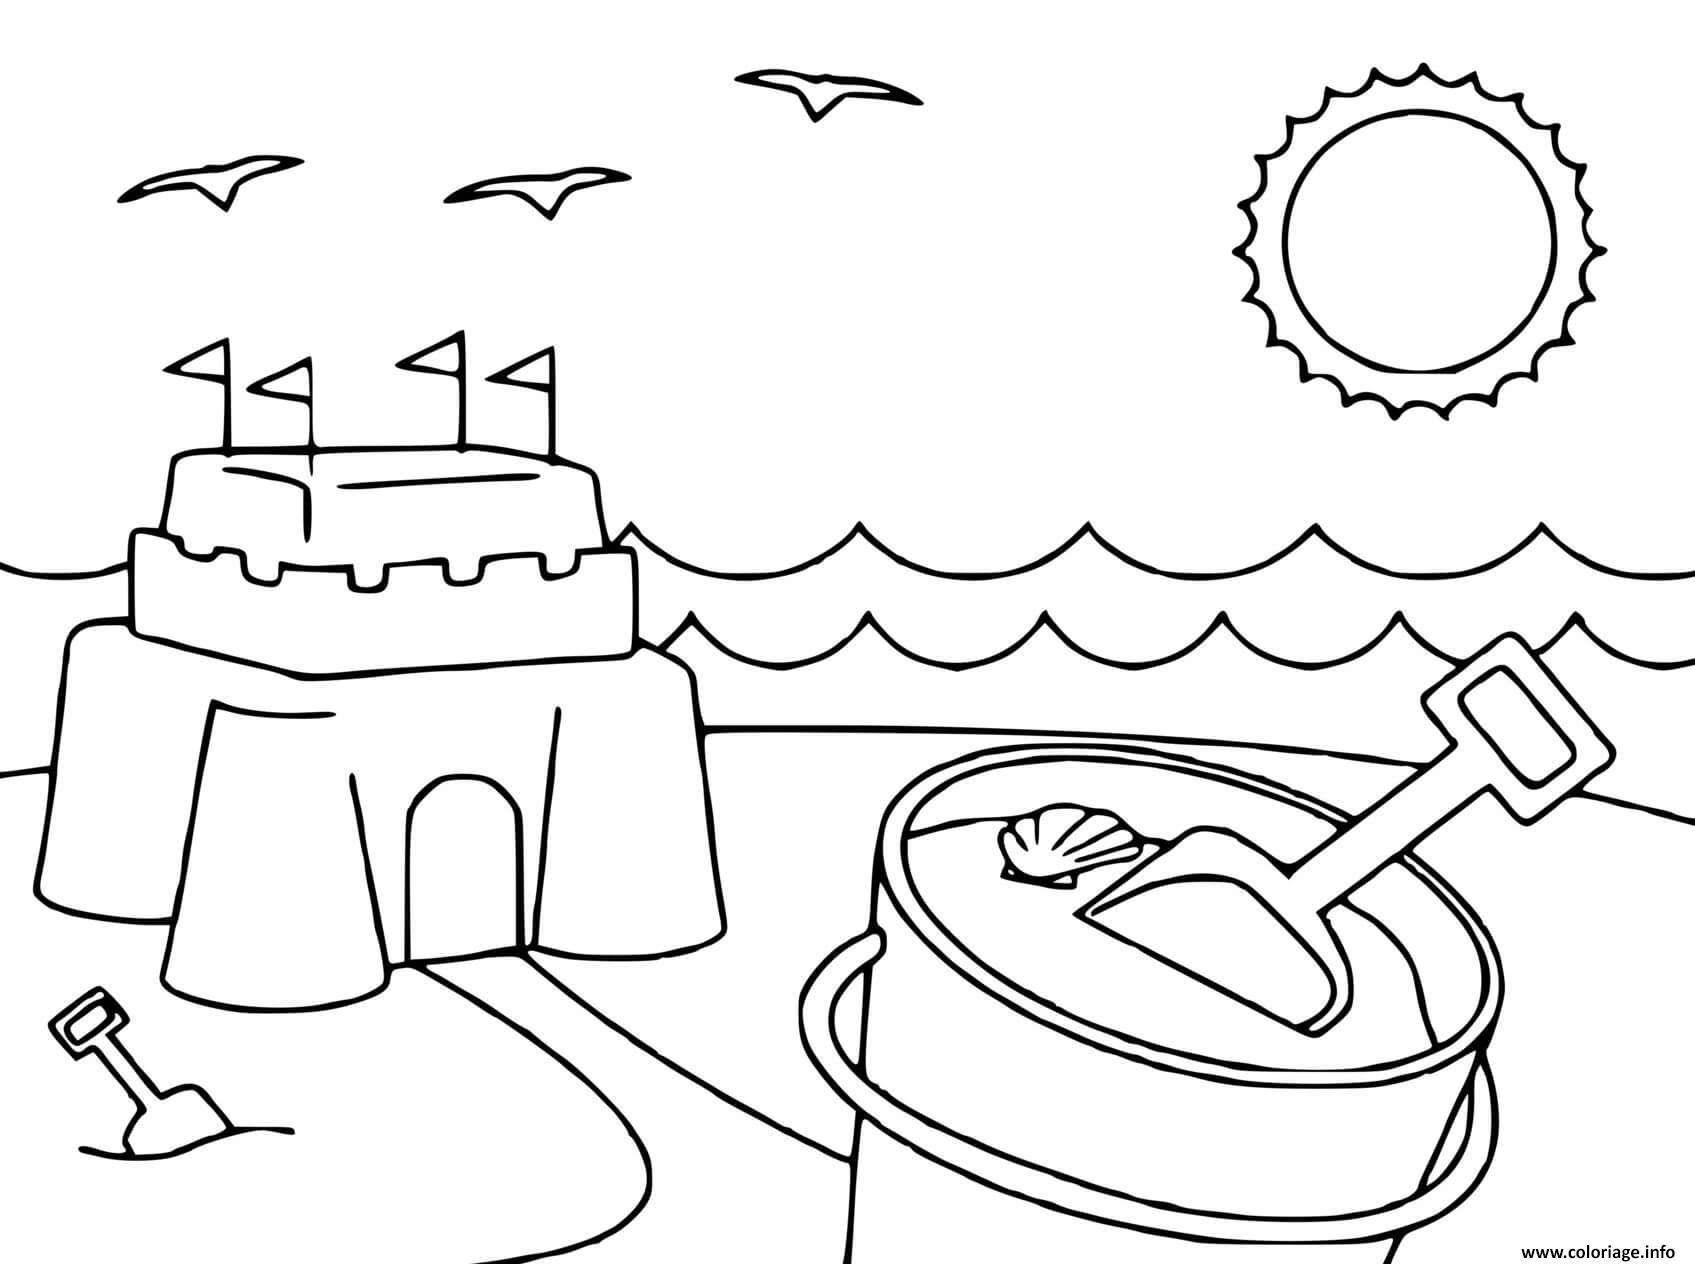 Dessin plage chateau de sable Coloriage Gratuit à Imprimer